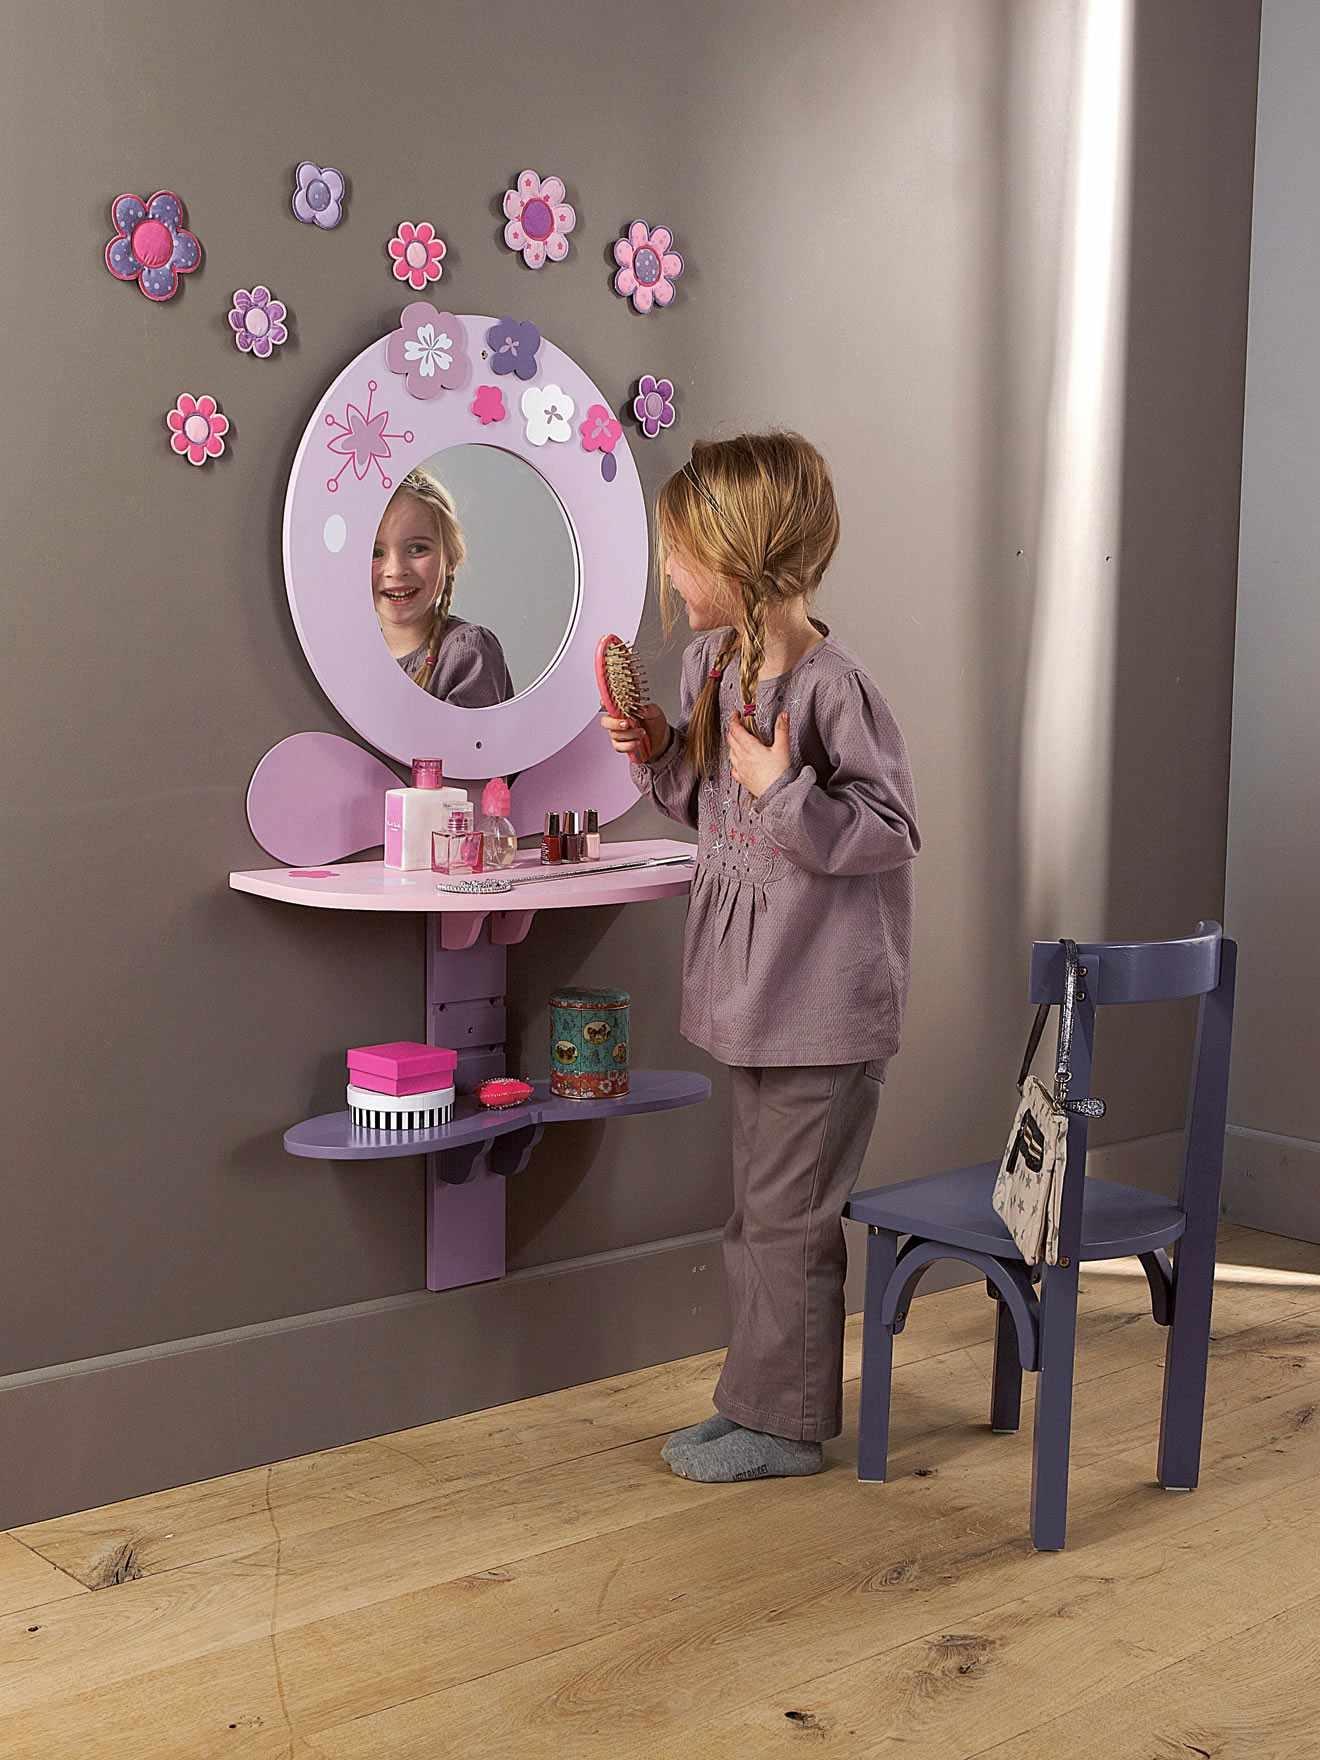 mirror for kids room foter rh foter com Decorative Mirrors for Dining Room Large Decorative Mirrors